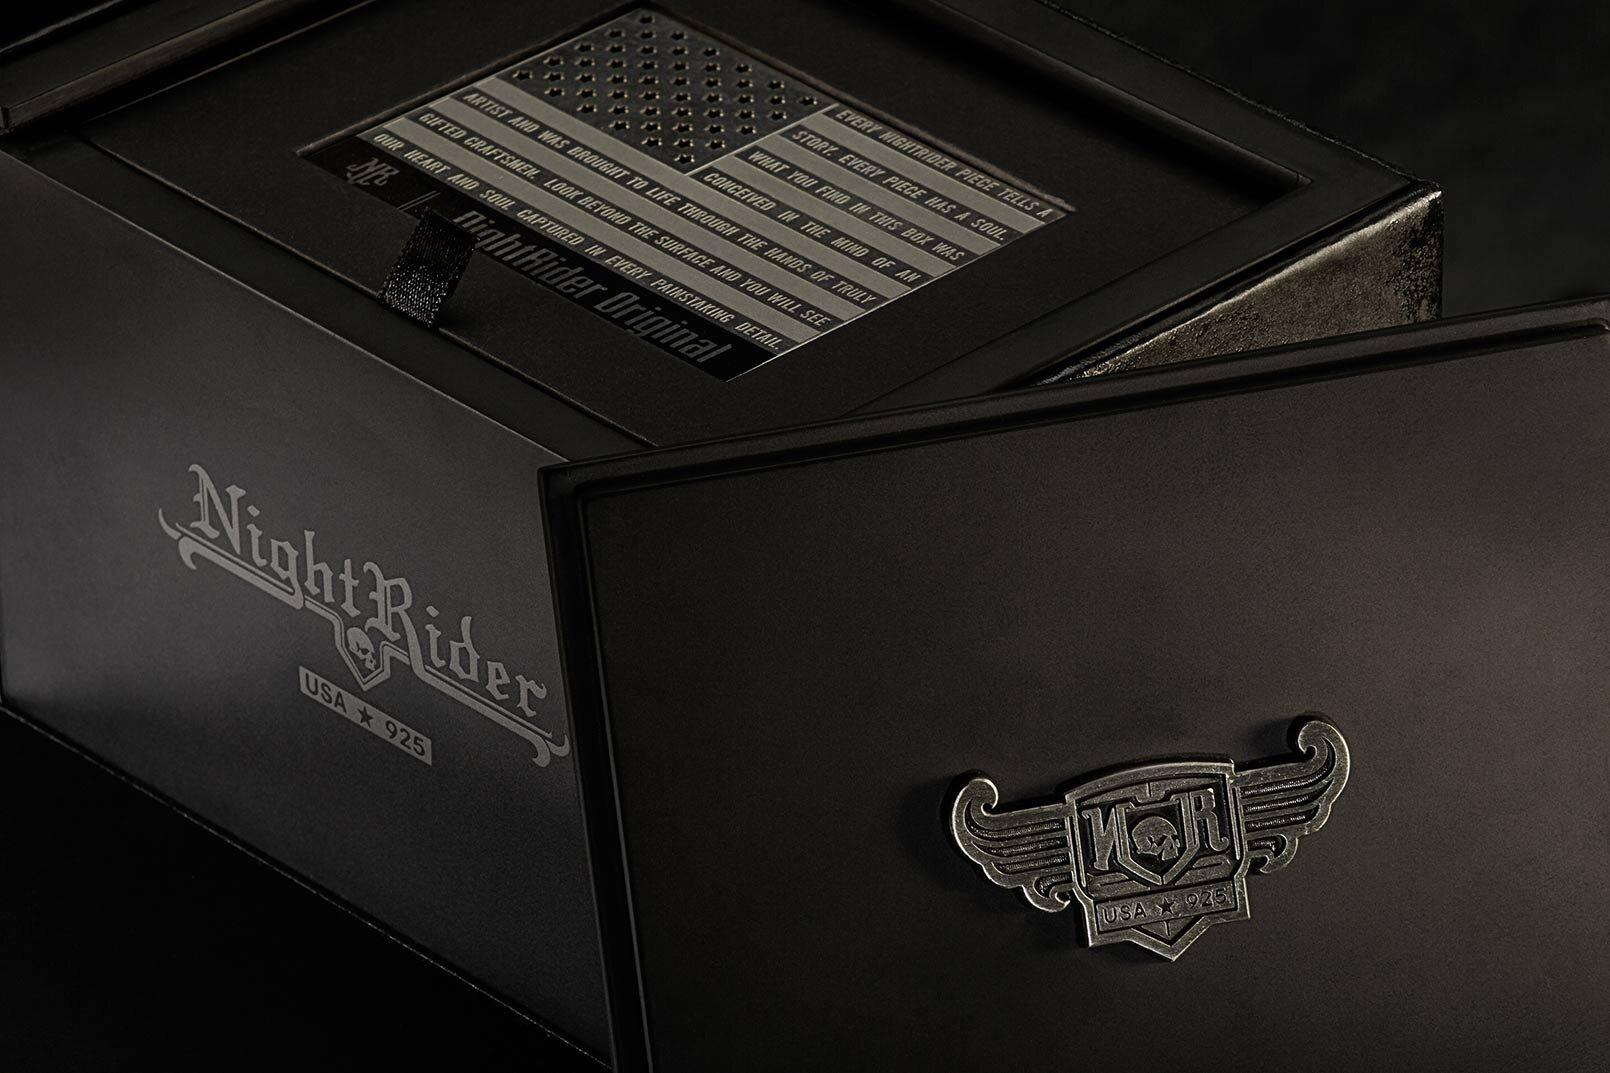 夜间骑士珠宝盒设计包装 - 公司-2.jpg